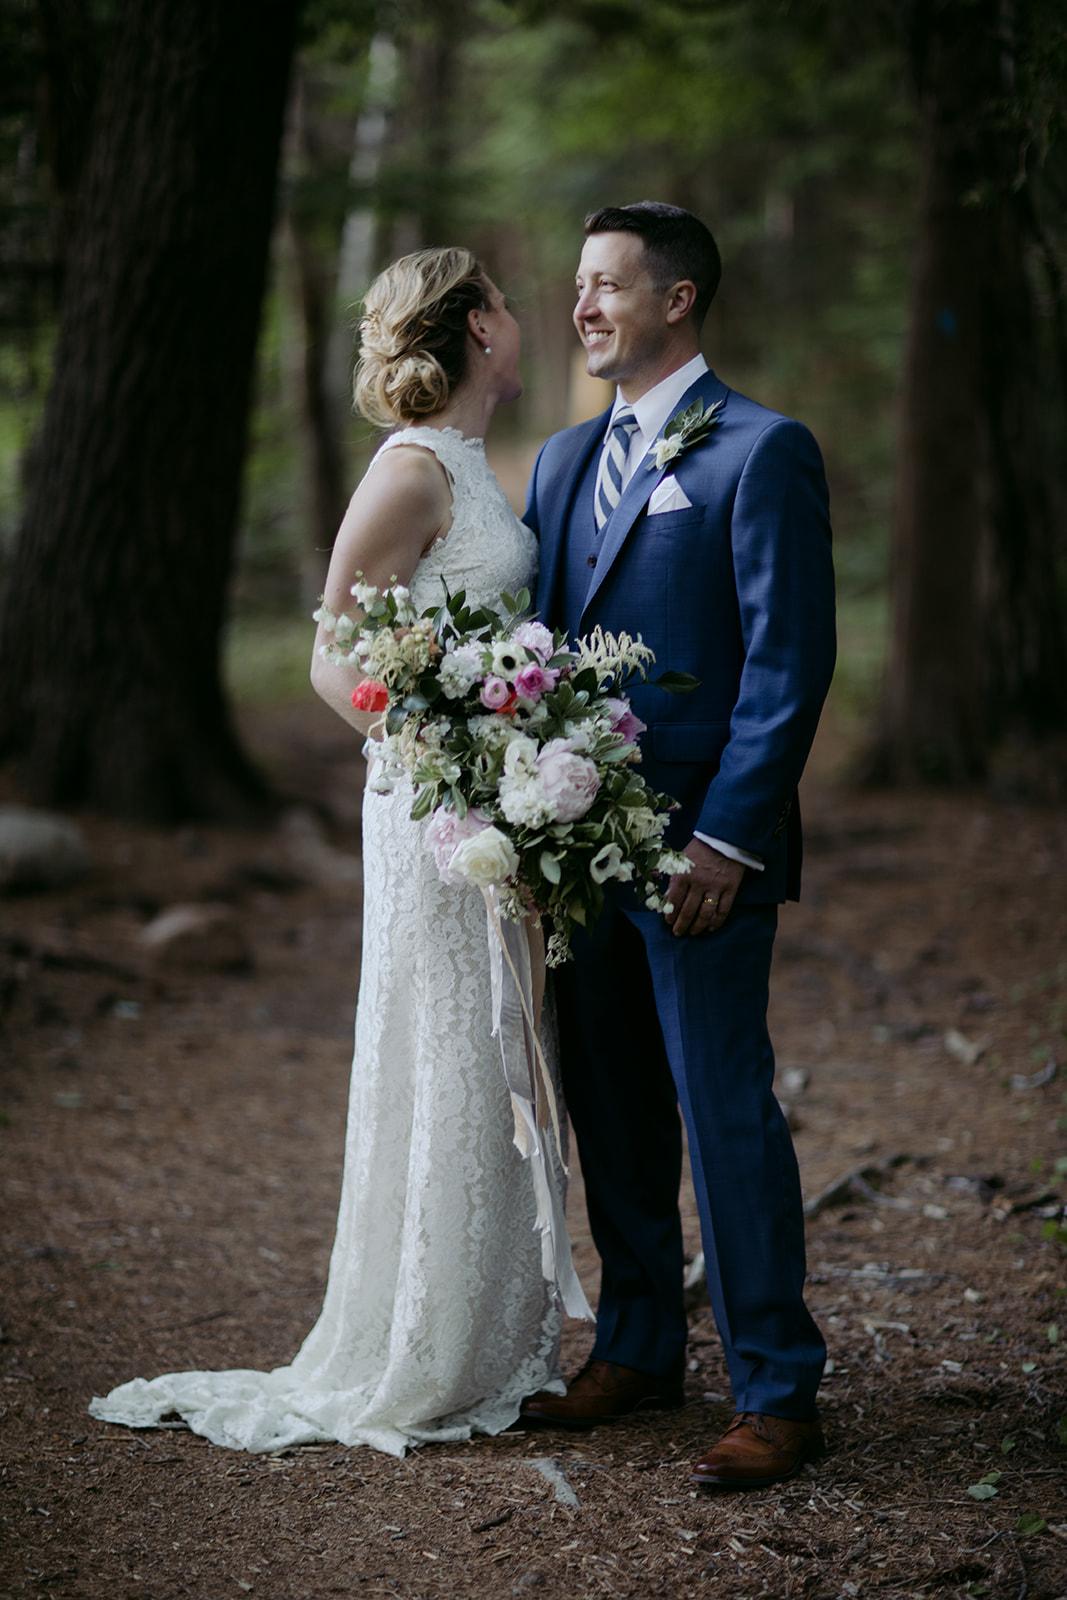 Watershed_Floral_Acadia_Maine_Wedding_Florist__Acadia_392.jpg